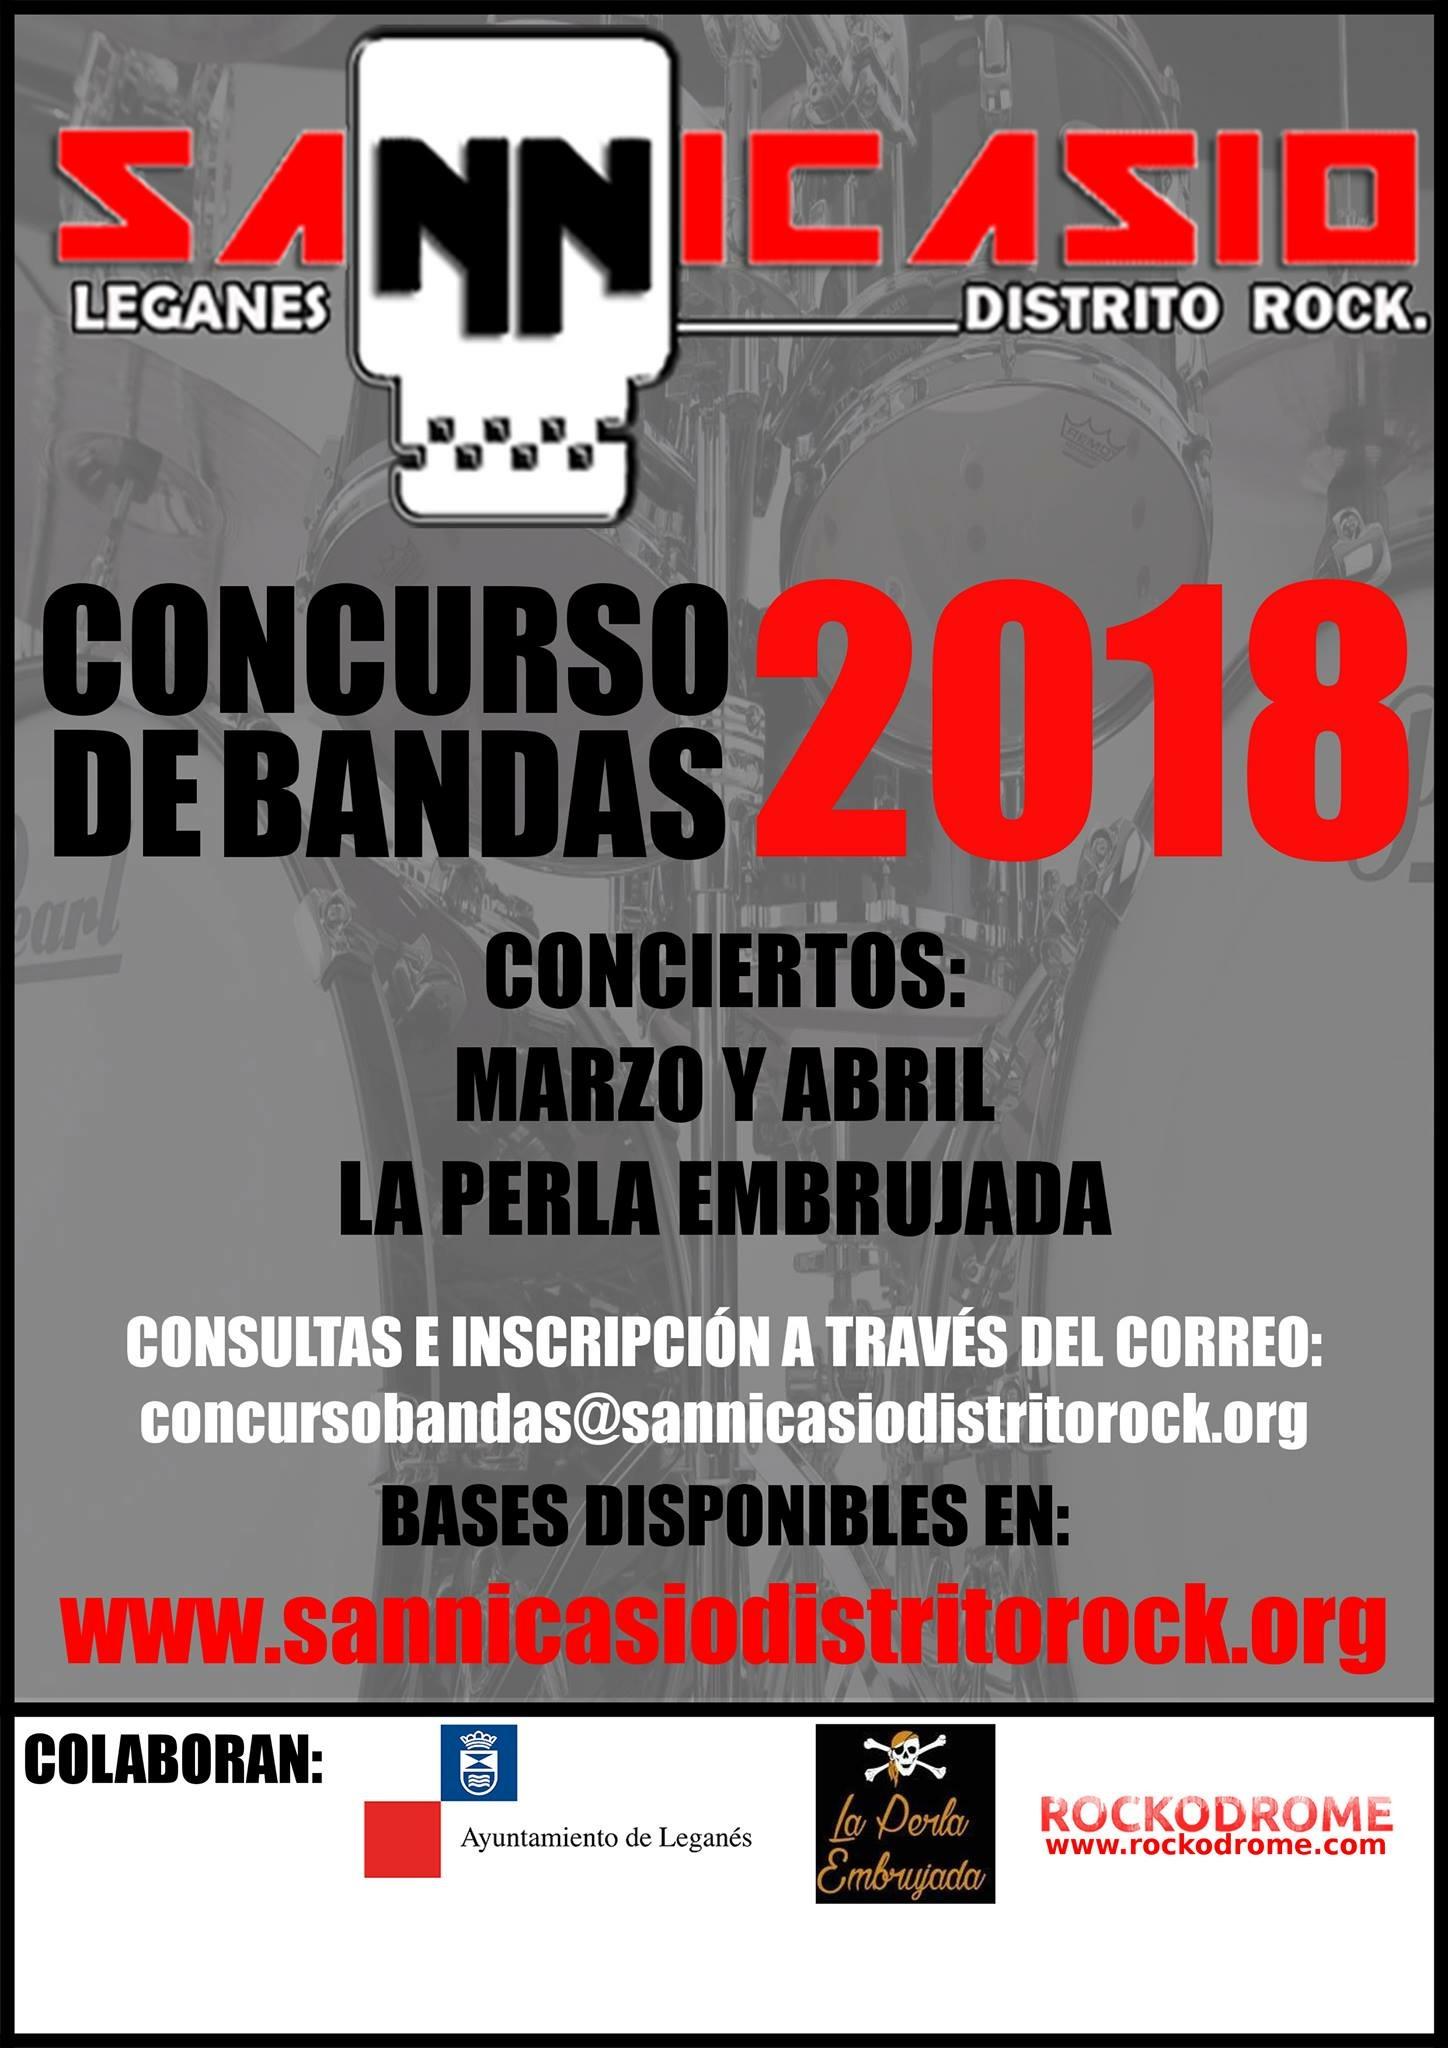 concurso de bandas de san nicasio distrito rock 2018